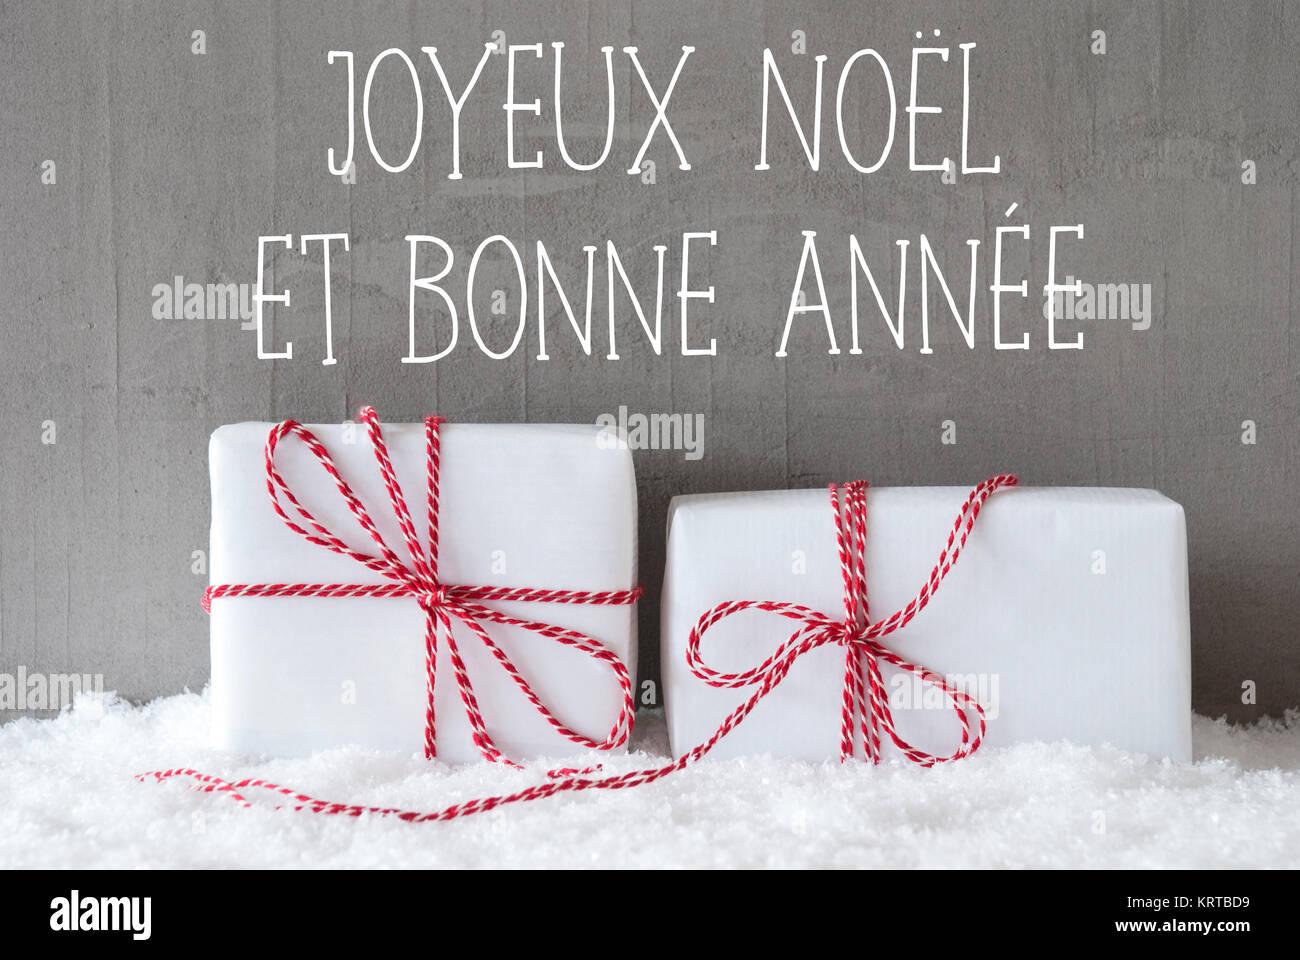 french text joyeux noel et bonne annee means merry. Black Bedroom Furniture Sets. Home Design Ideas